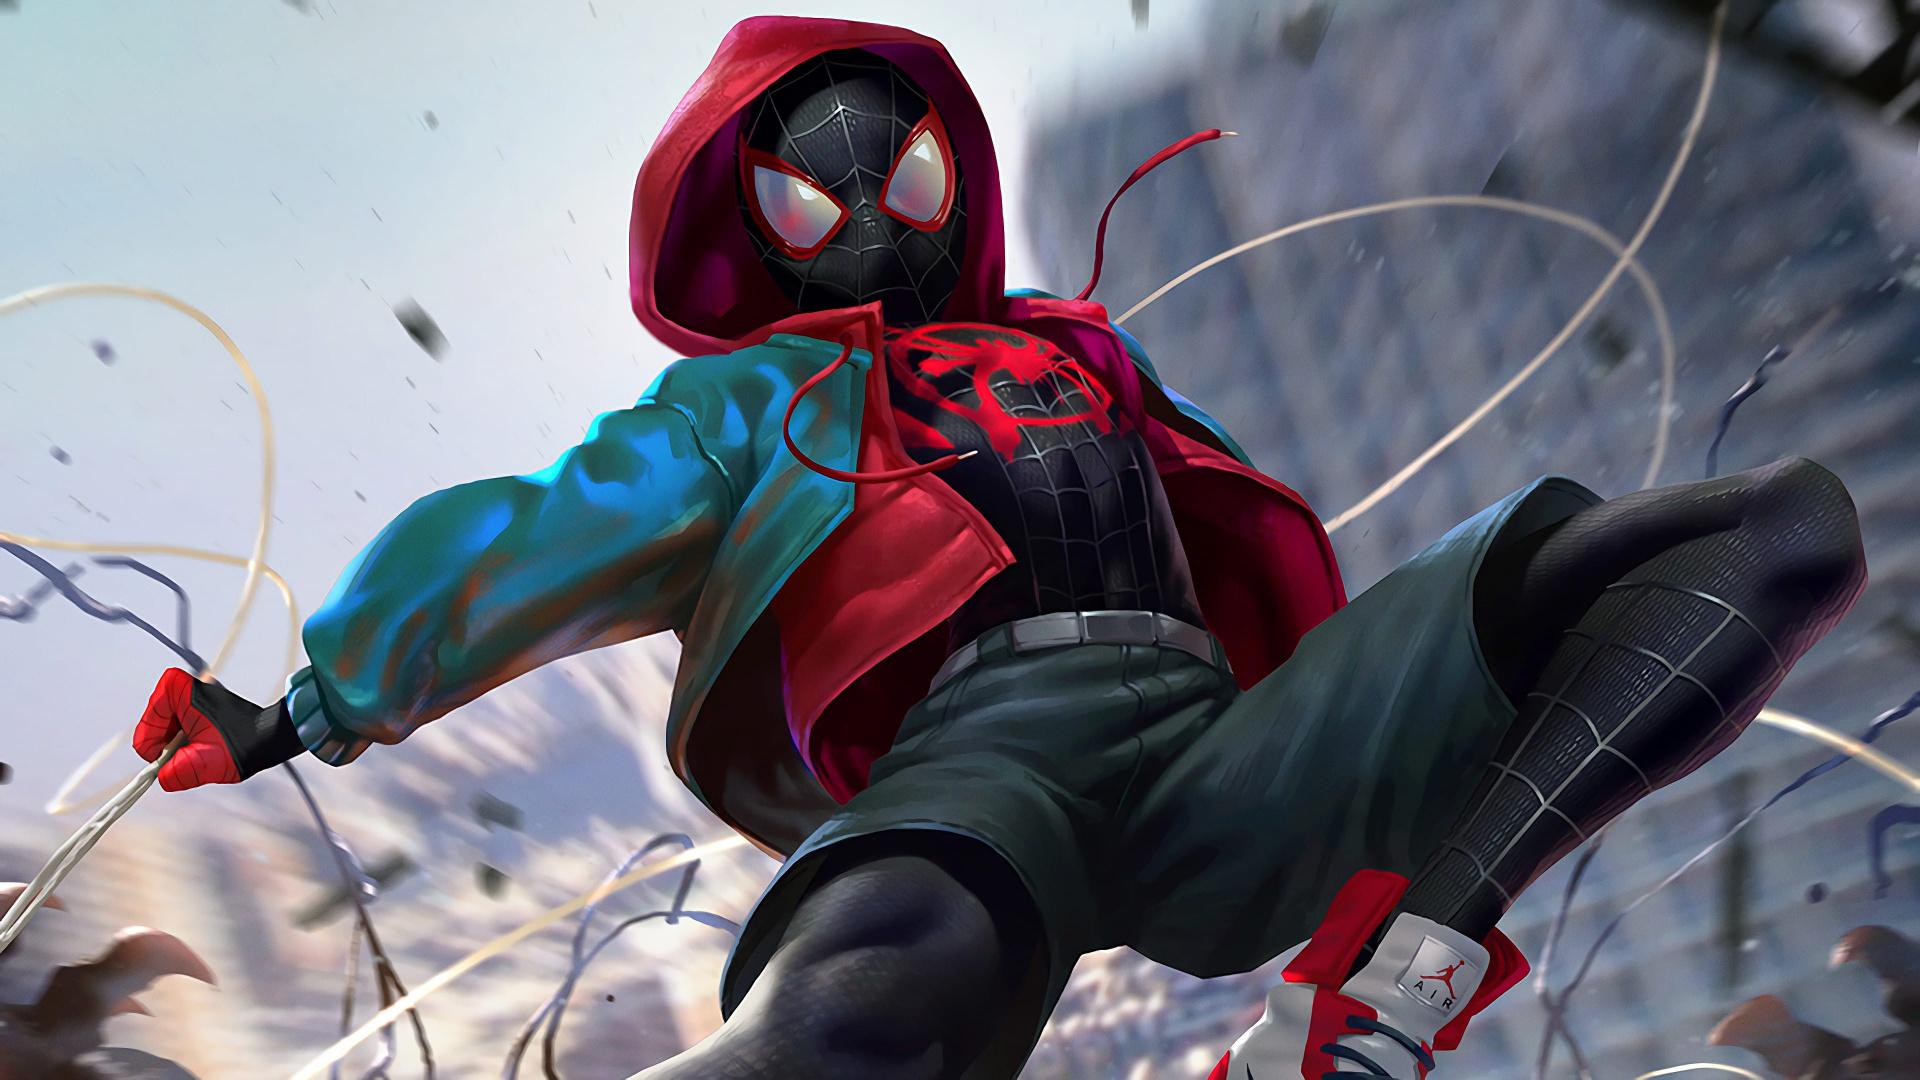 Кто такой Майлз Моралес? Краткая история нового Человека-паука